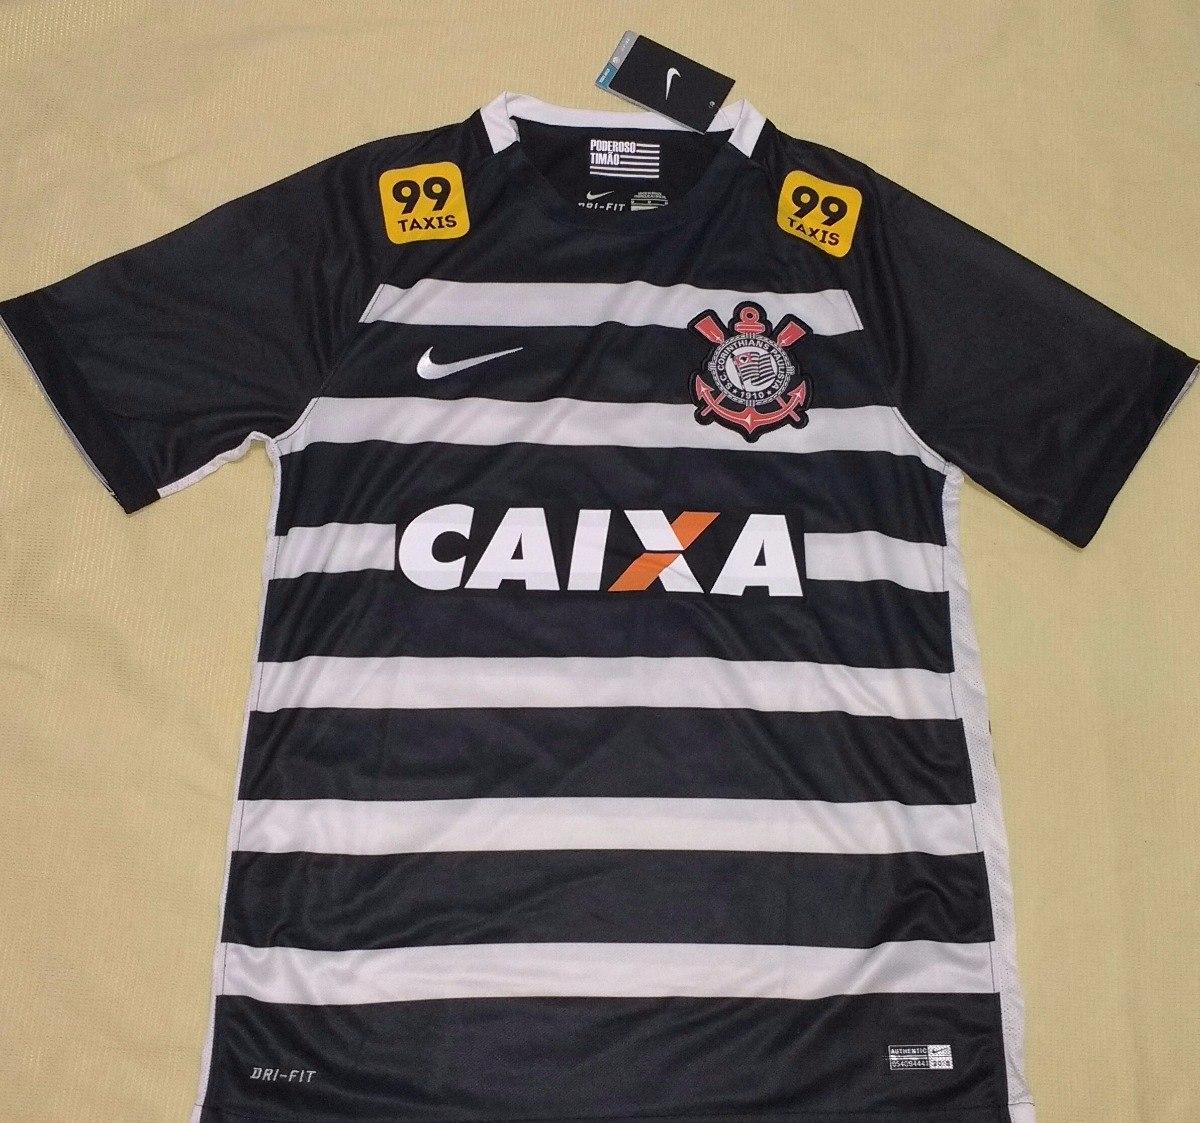 camisa corinthians 2015 orig nike hexacampeão brasileiro. Carregando zoom. 819a5b858ce99